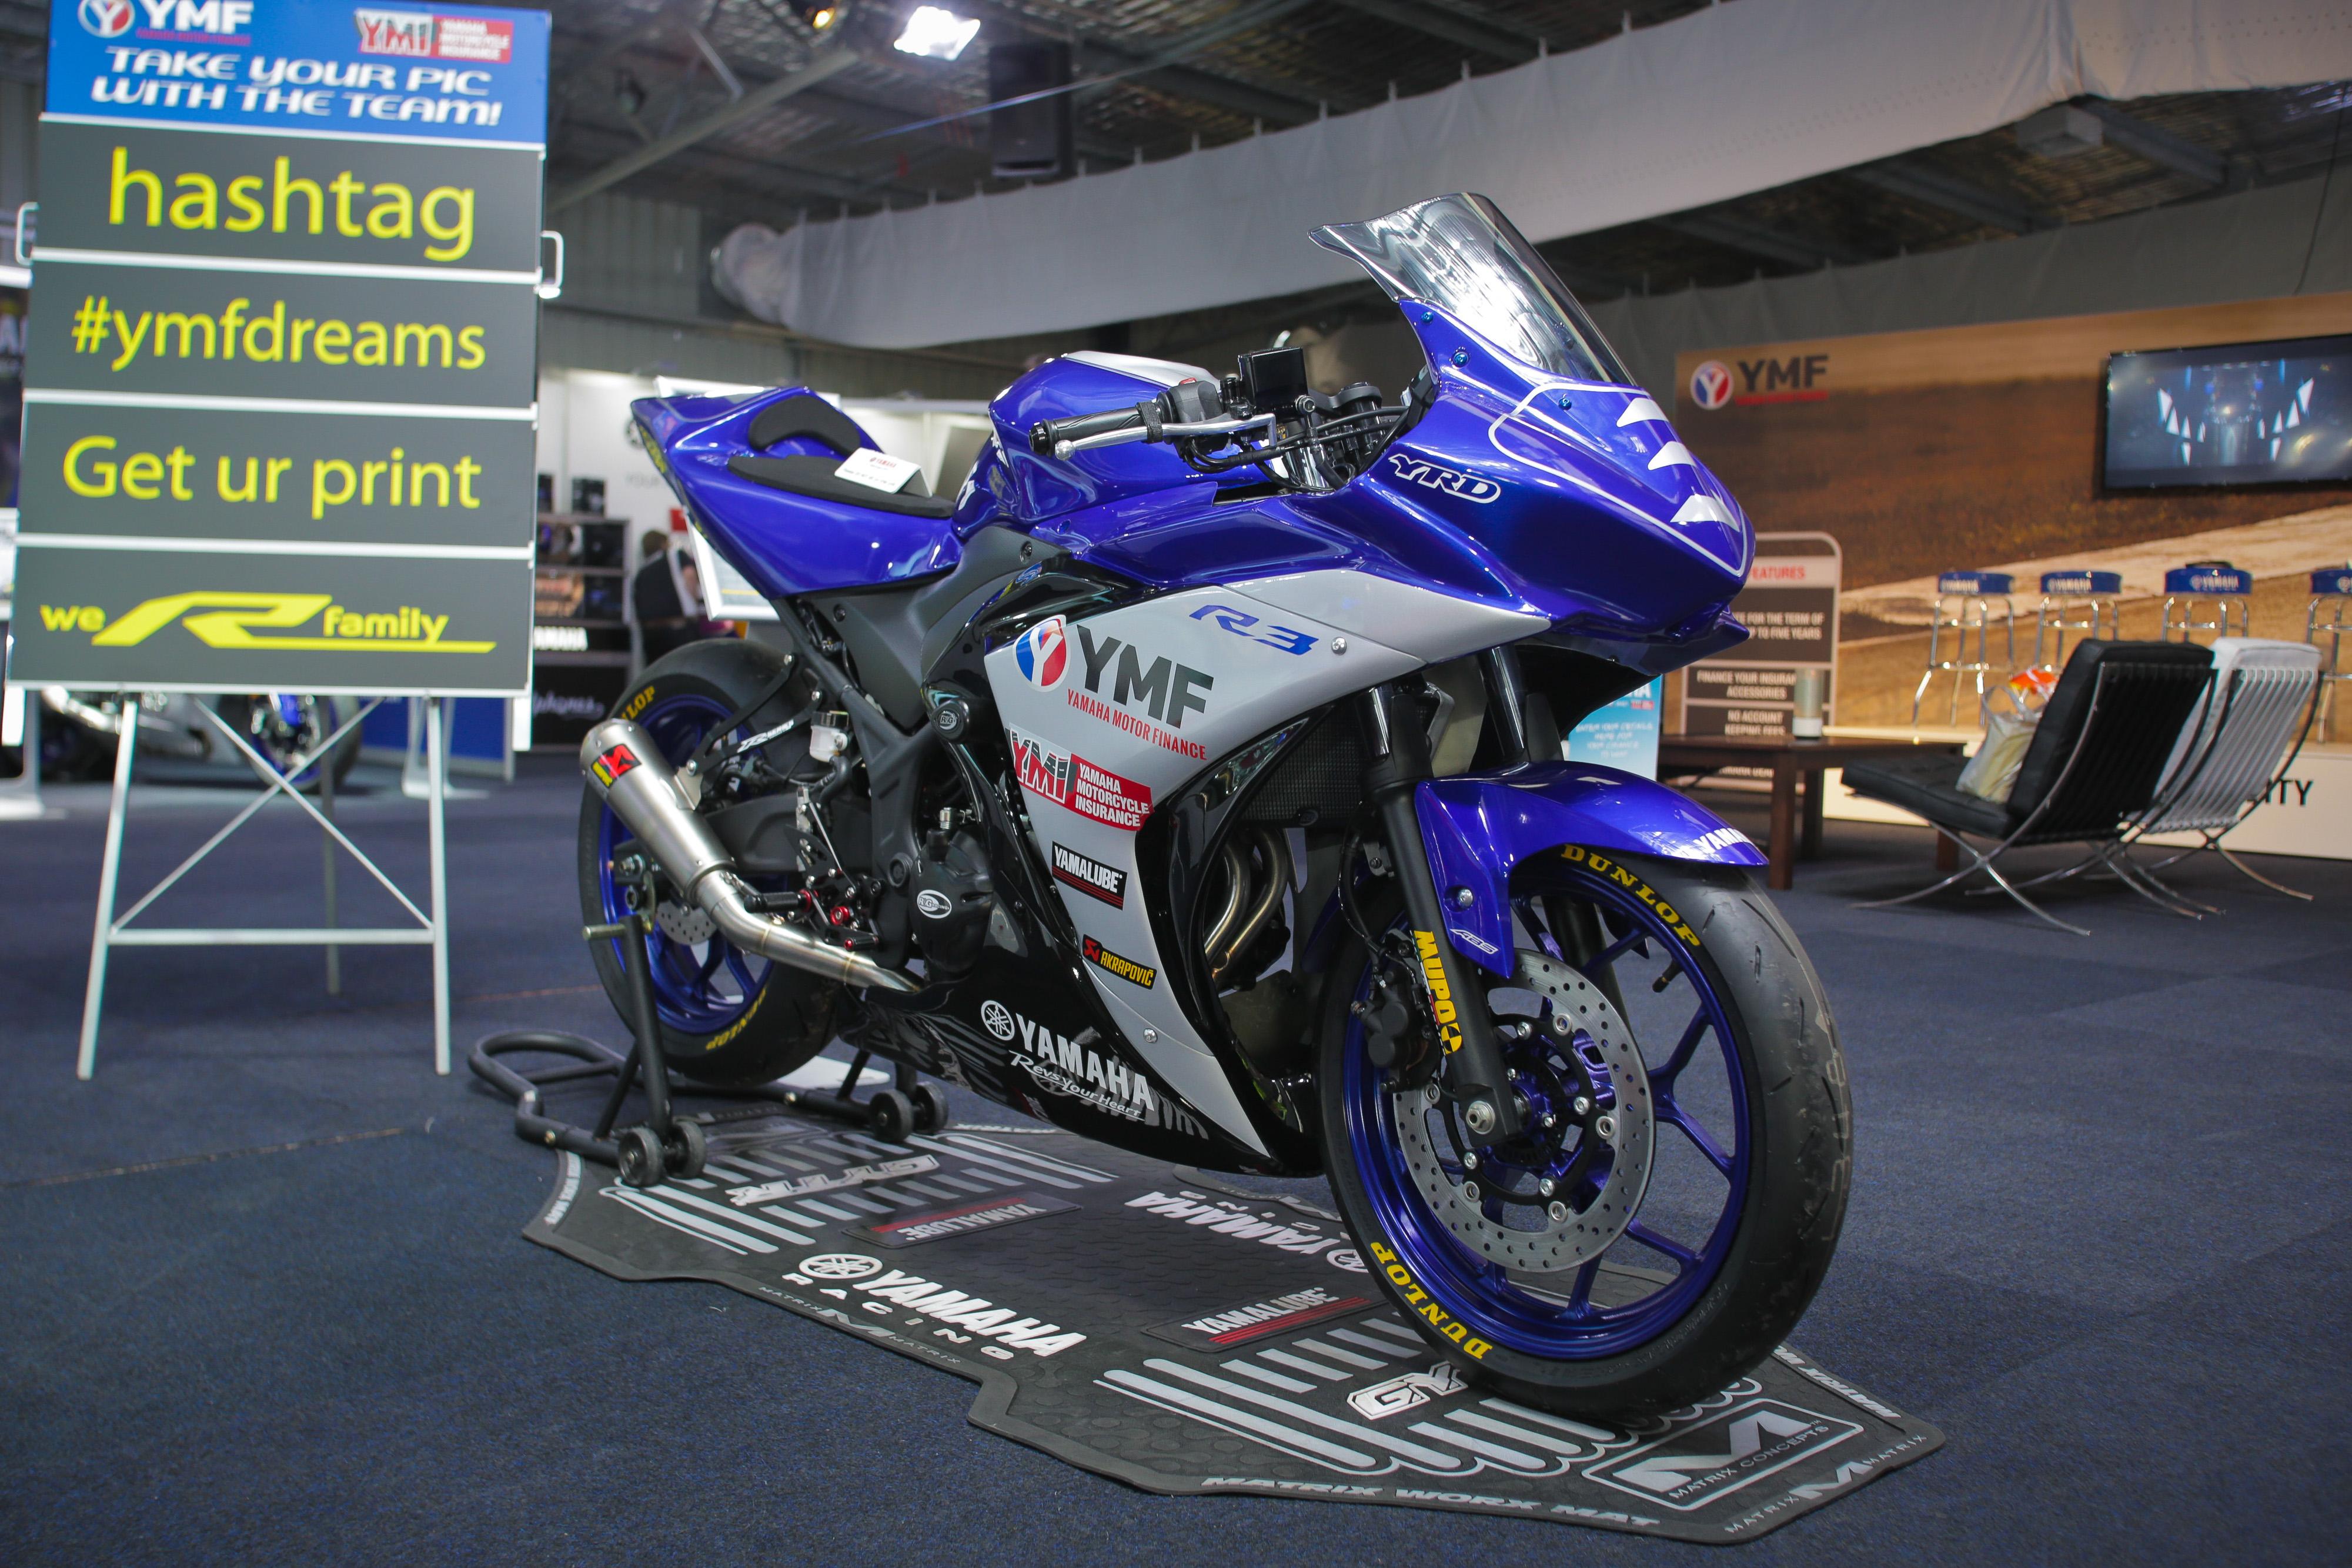 Yamaha YZF-R3 Cup bike.